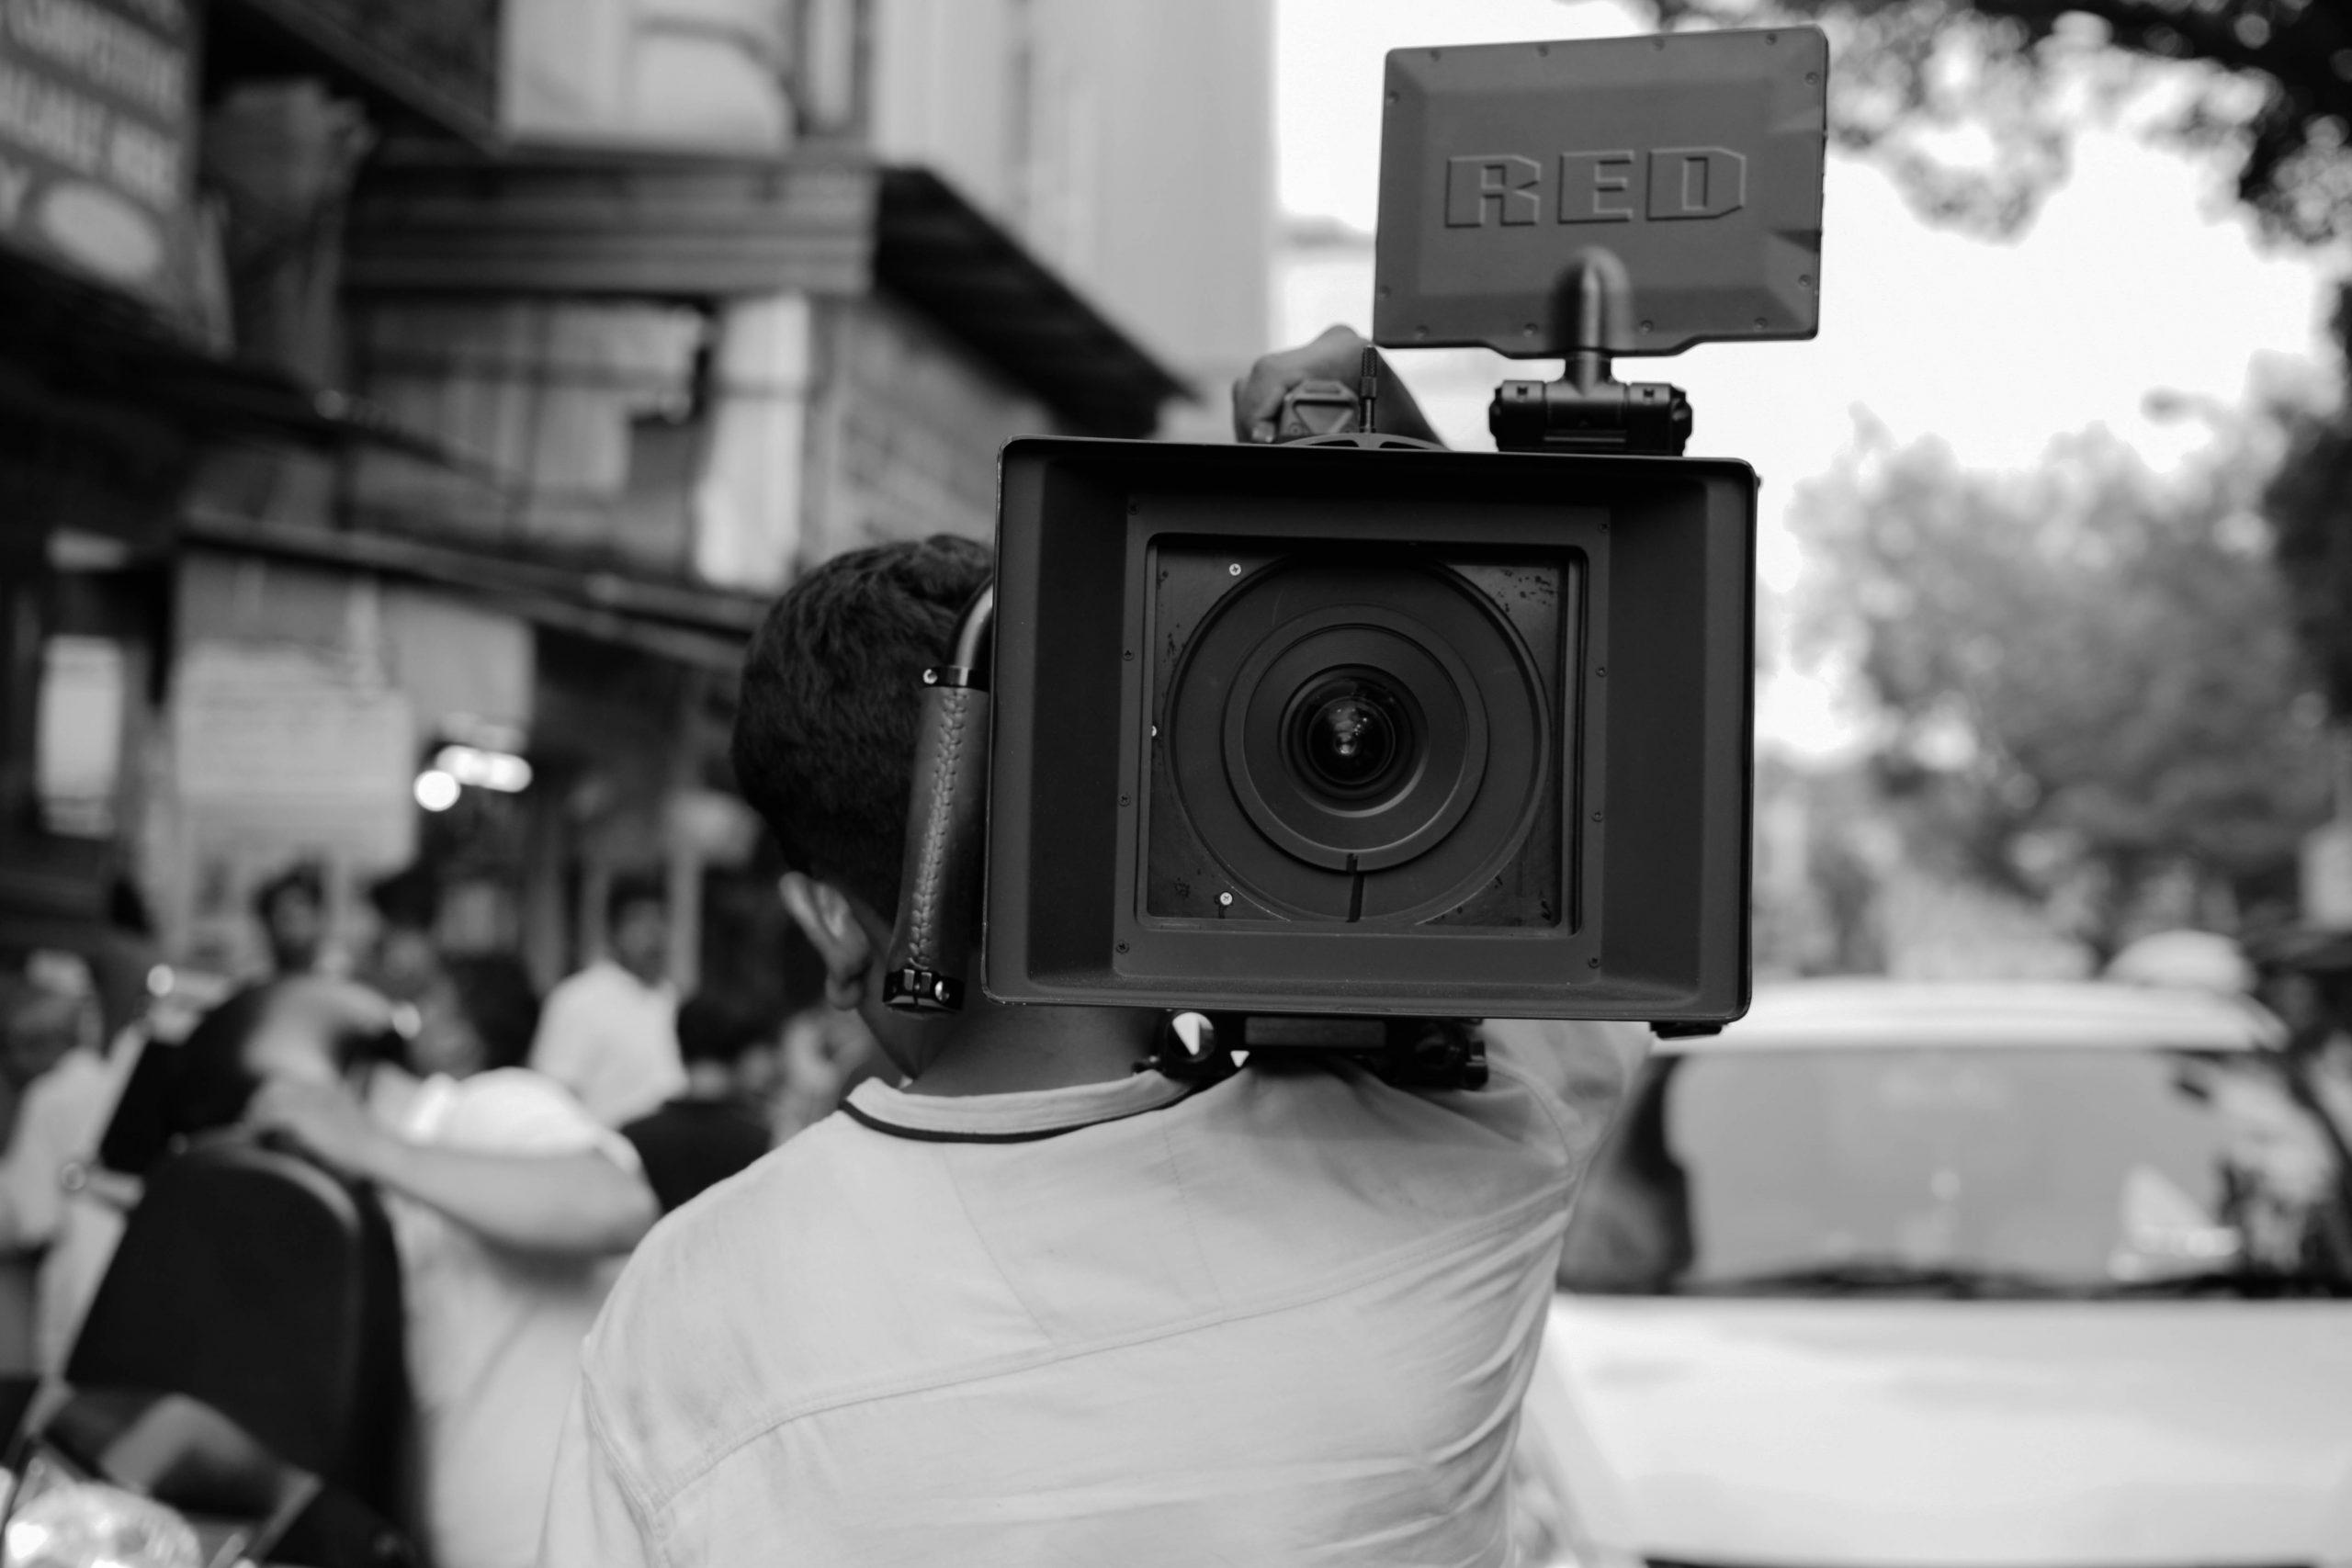 A film making camera